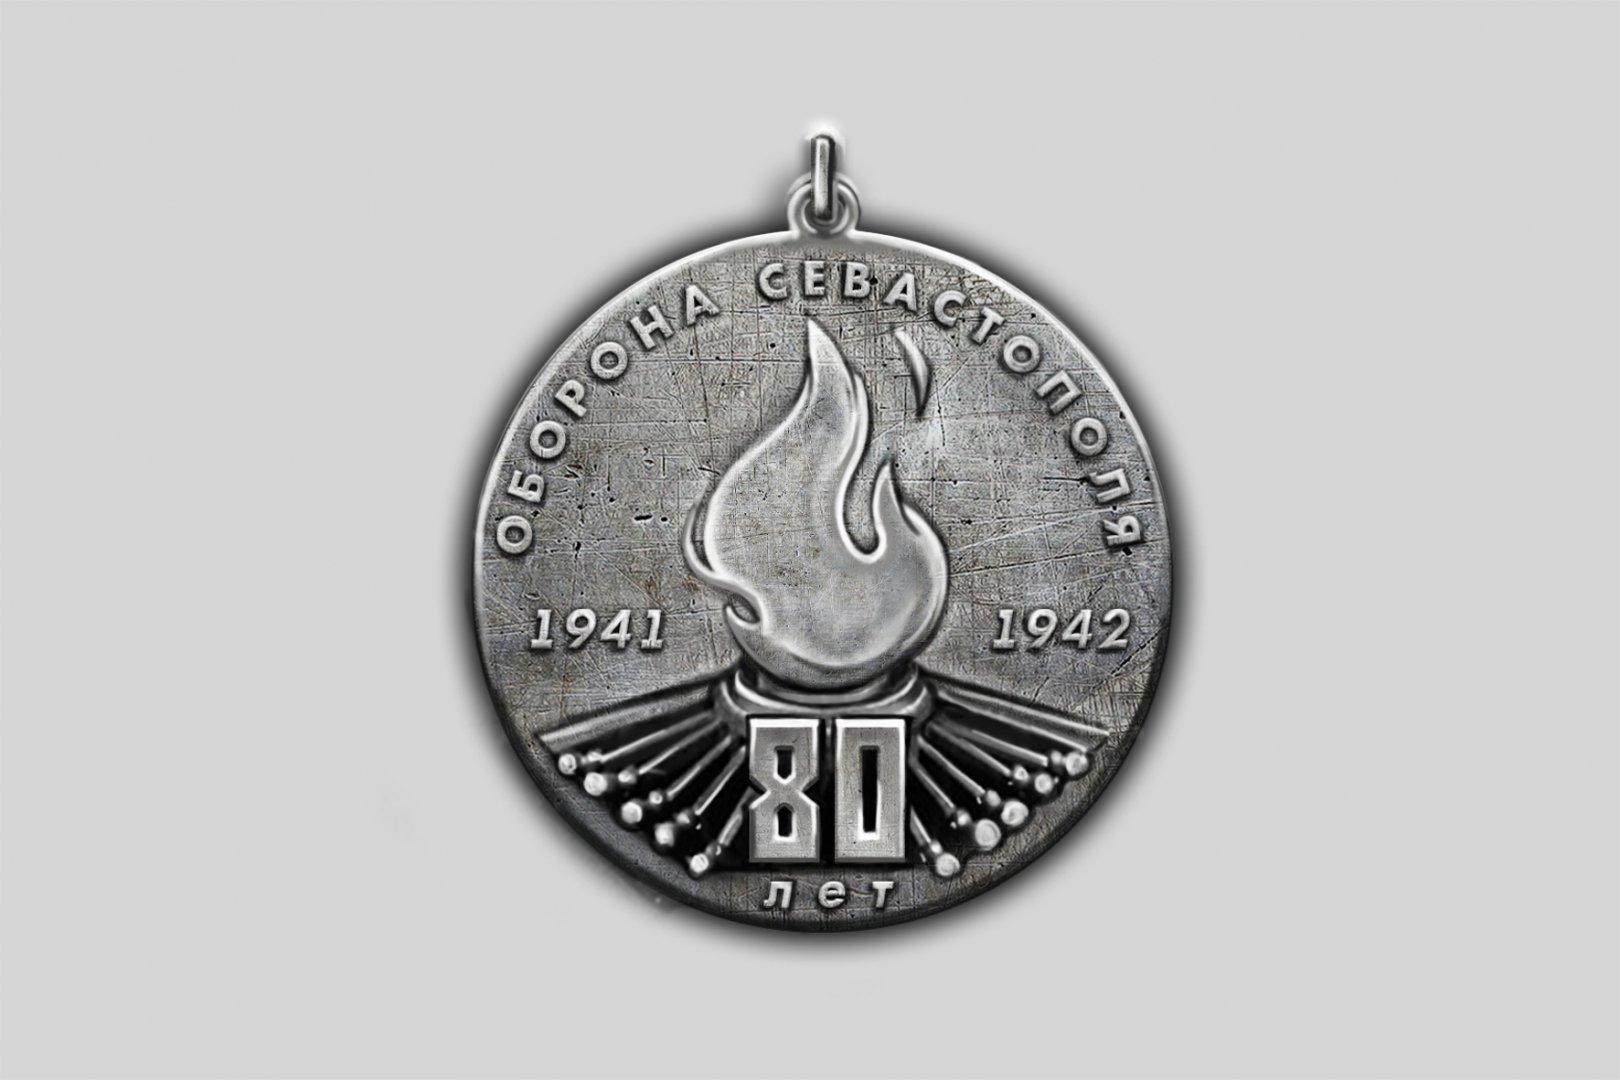 20210901-Голосование за эскиз памятного знака к 80-й годовщине обороны Севастополя-pic14